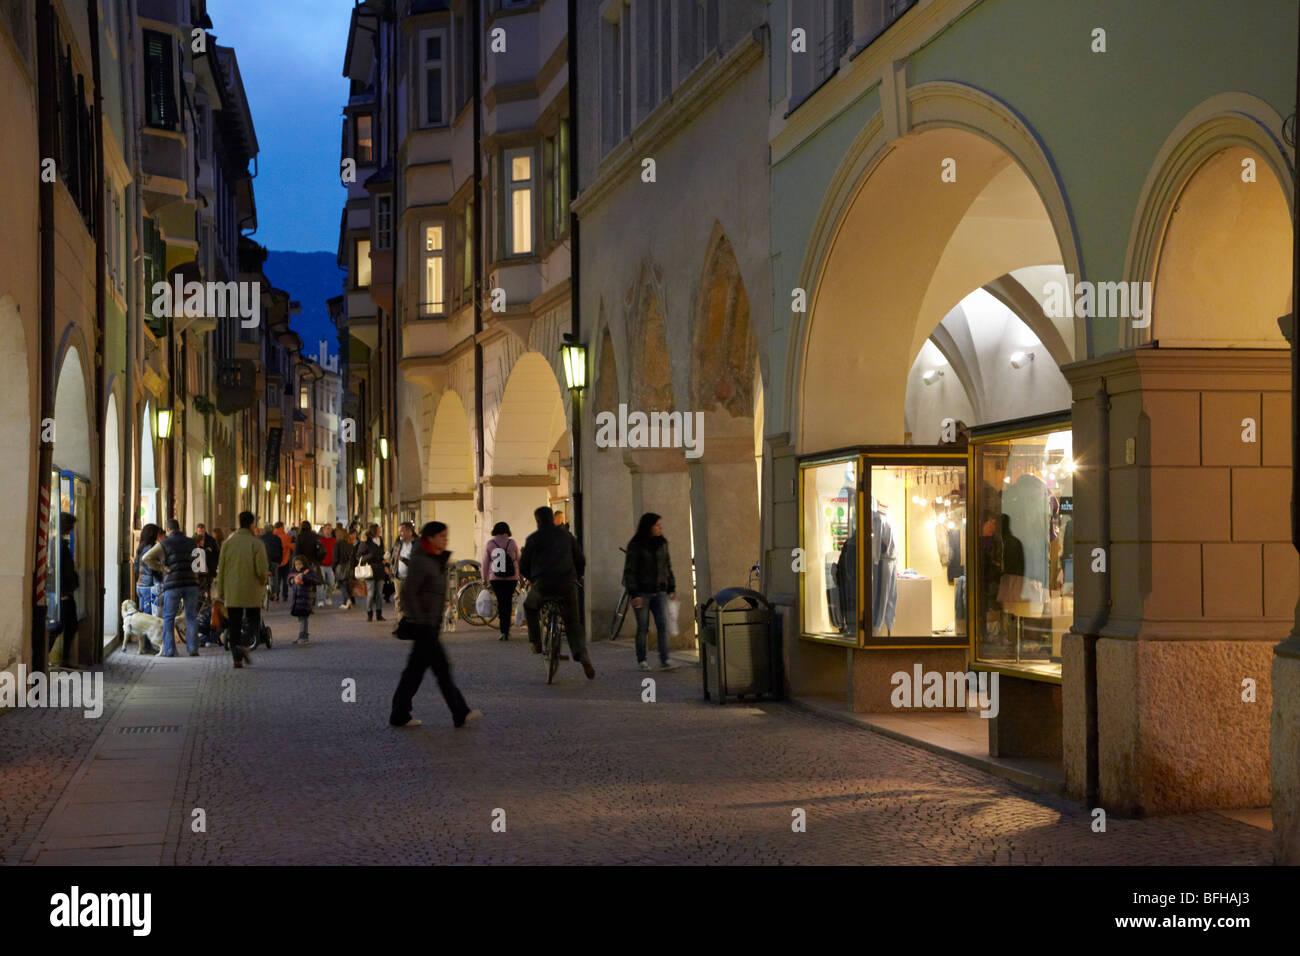 Cobbled street in the historical centre of Bolzano, Alto Adige, Italy. - Stock Image